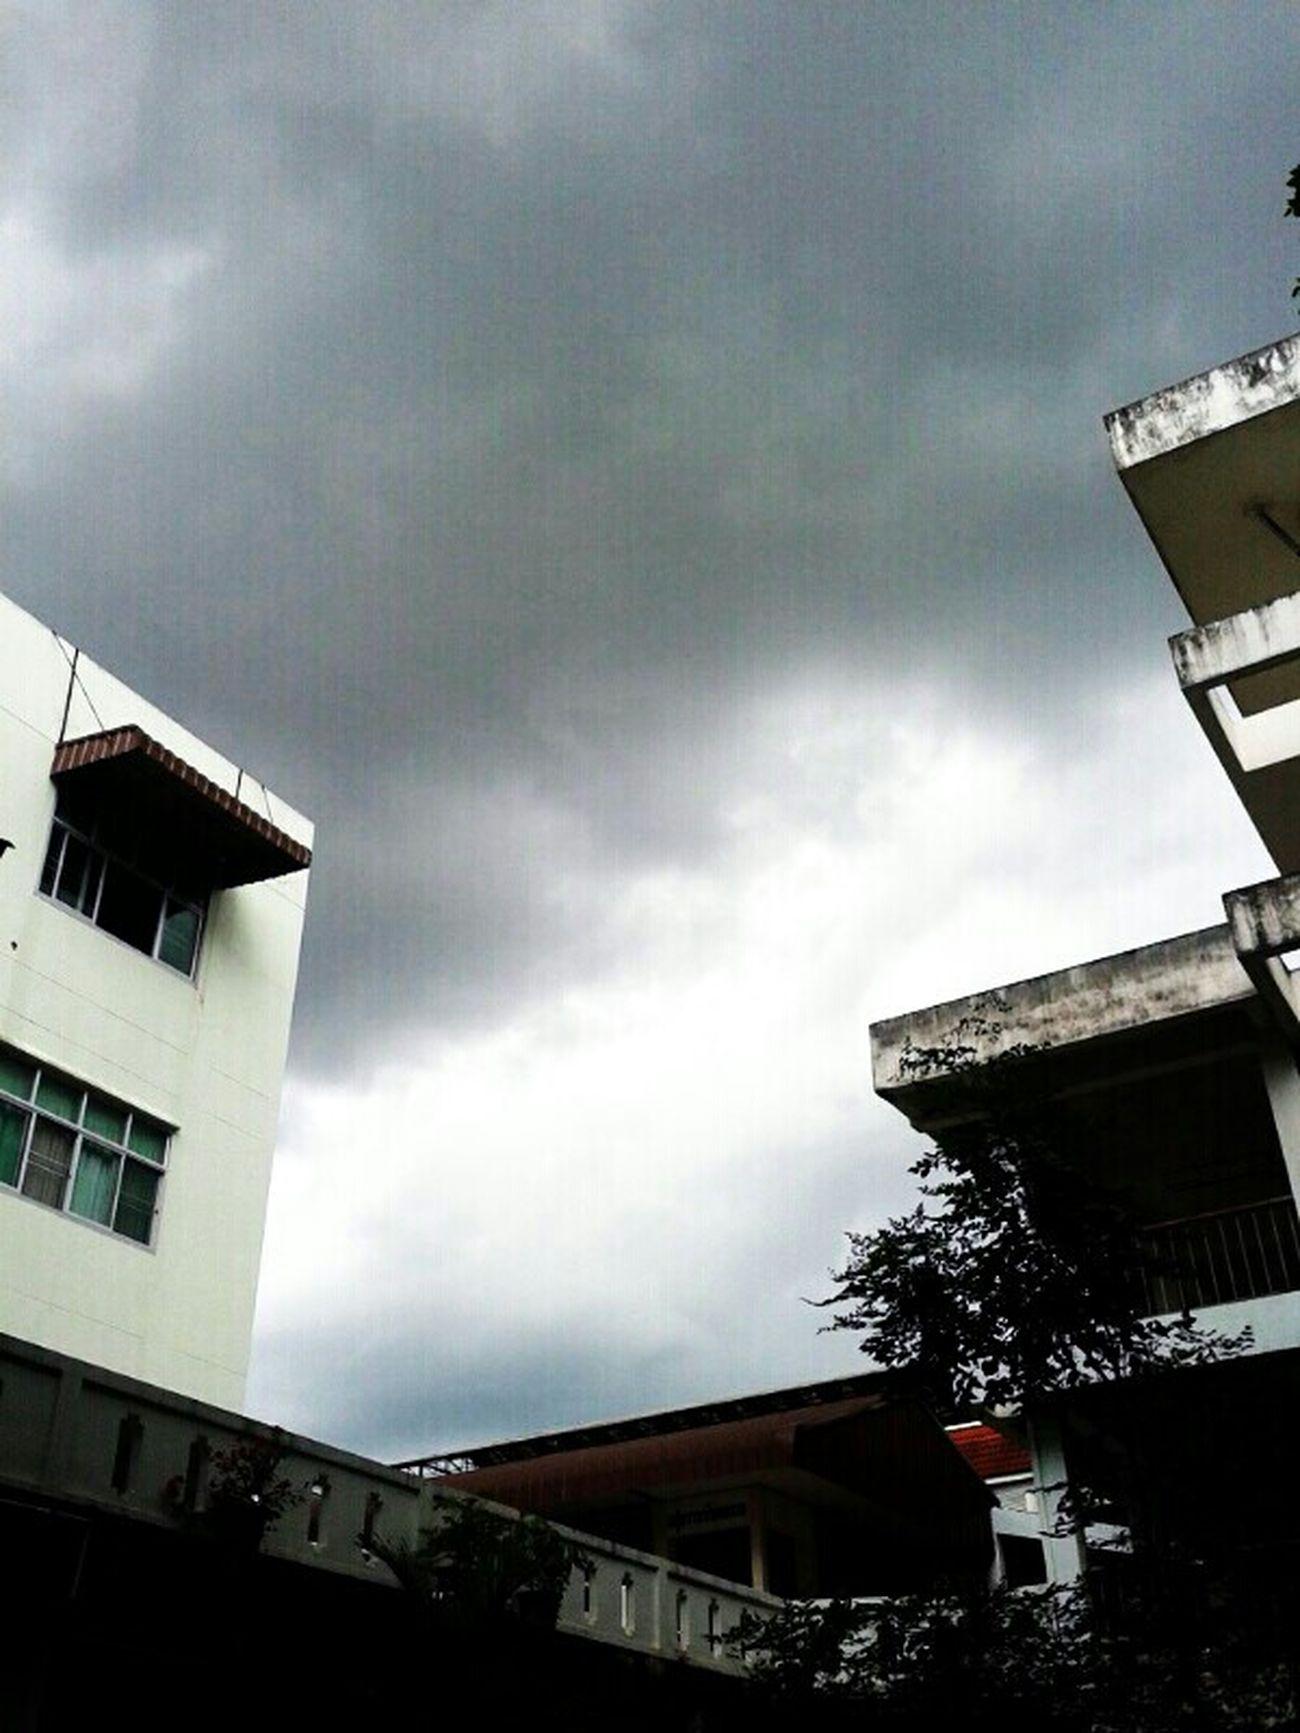 เมฆ ฝน กำลังจะมา แต่เราก็ยังนั่งรออยู่ที่เดิม